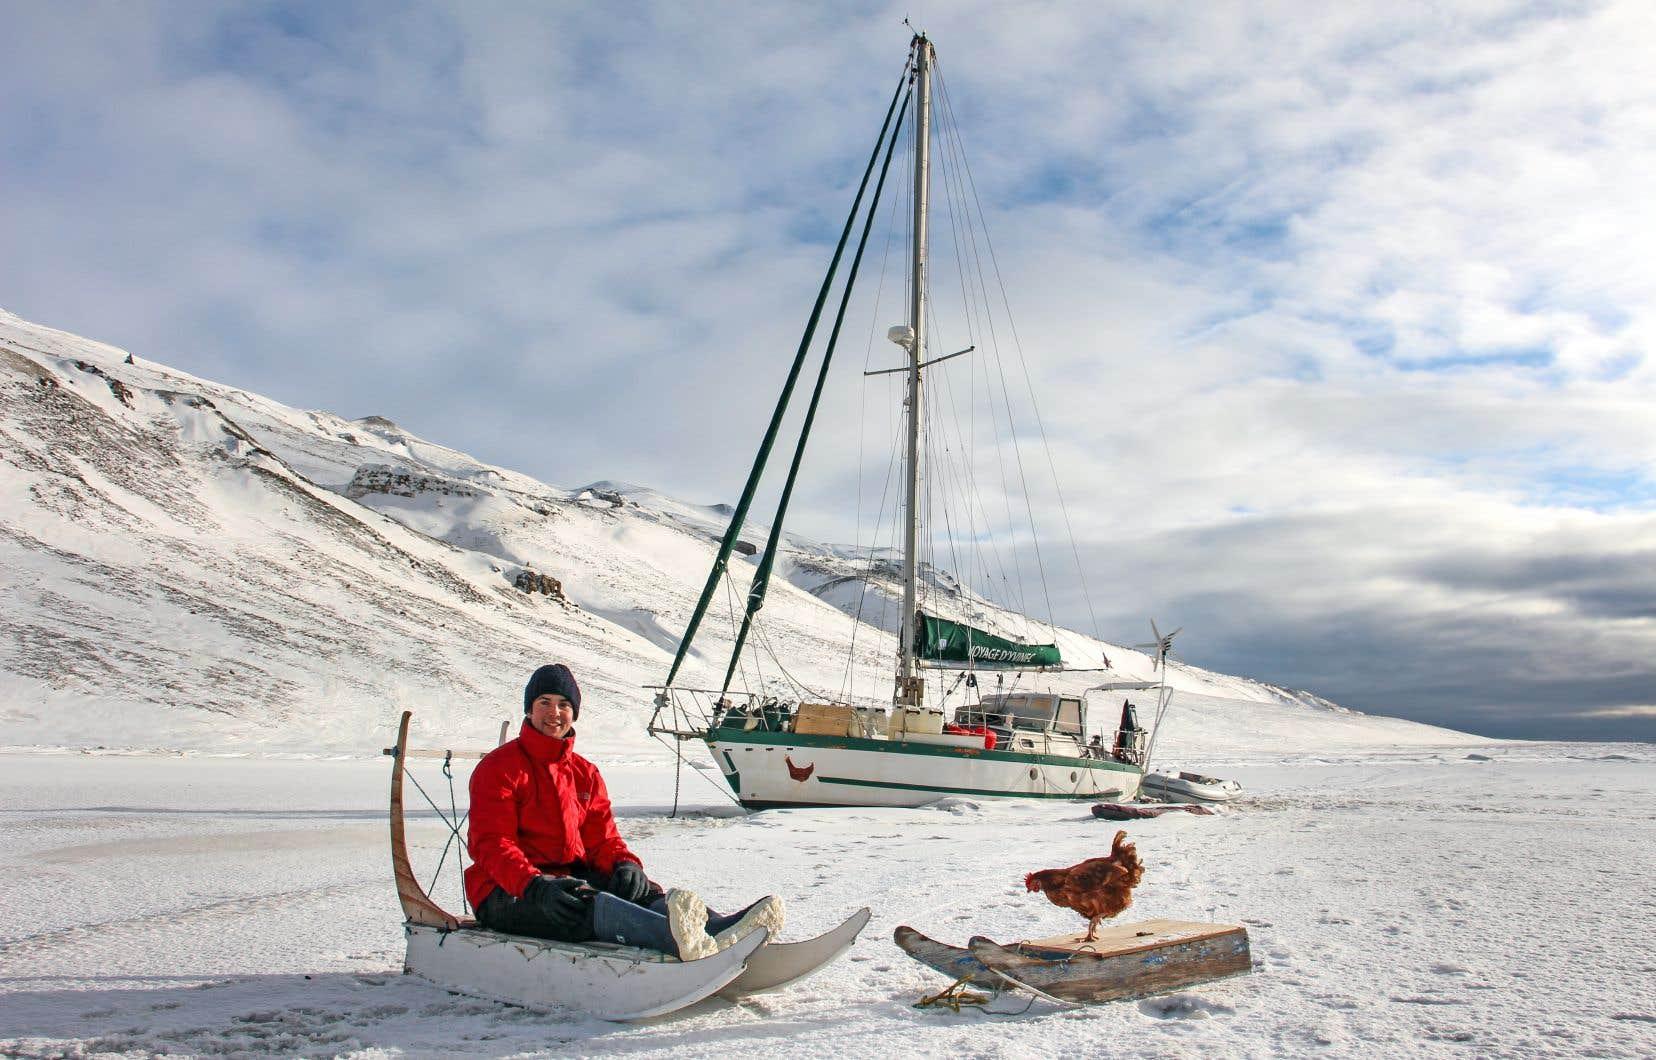 Cinq années et 73000 kilomètres après son départ, le Breton Guirec Soudée est revenu à bon port en décembre dernier avec la poule Monique.